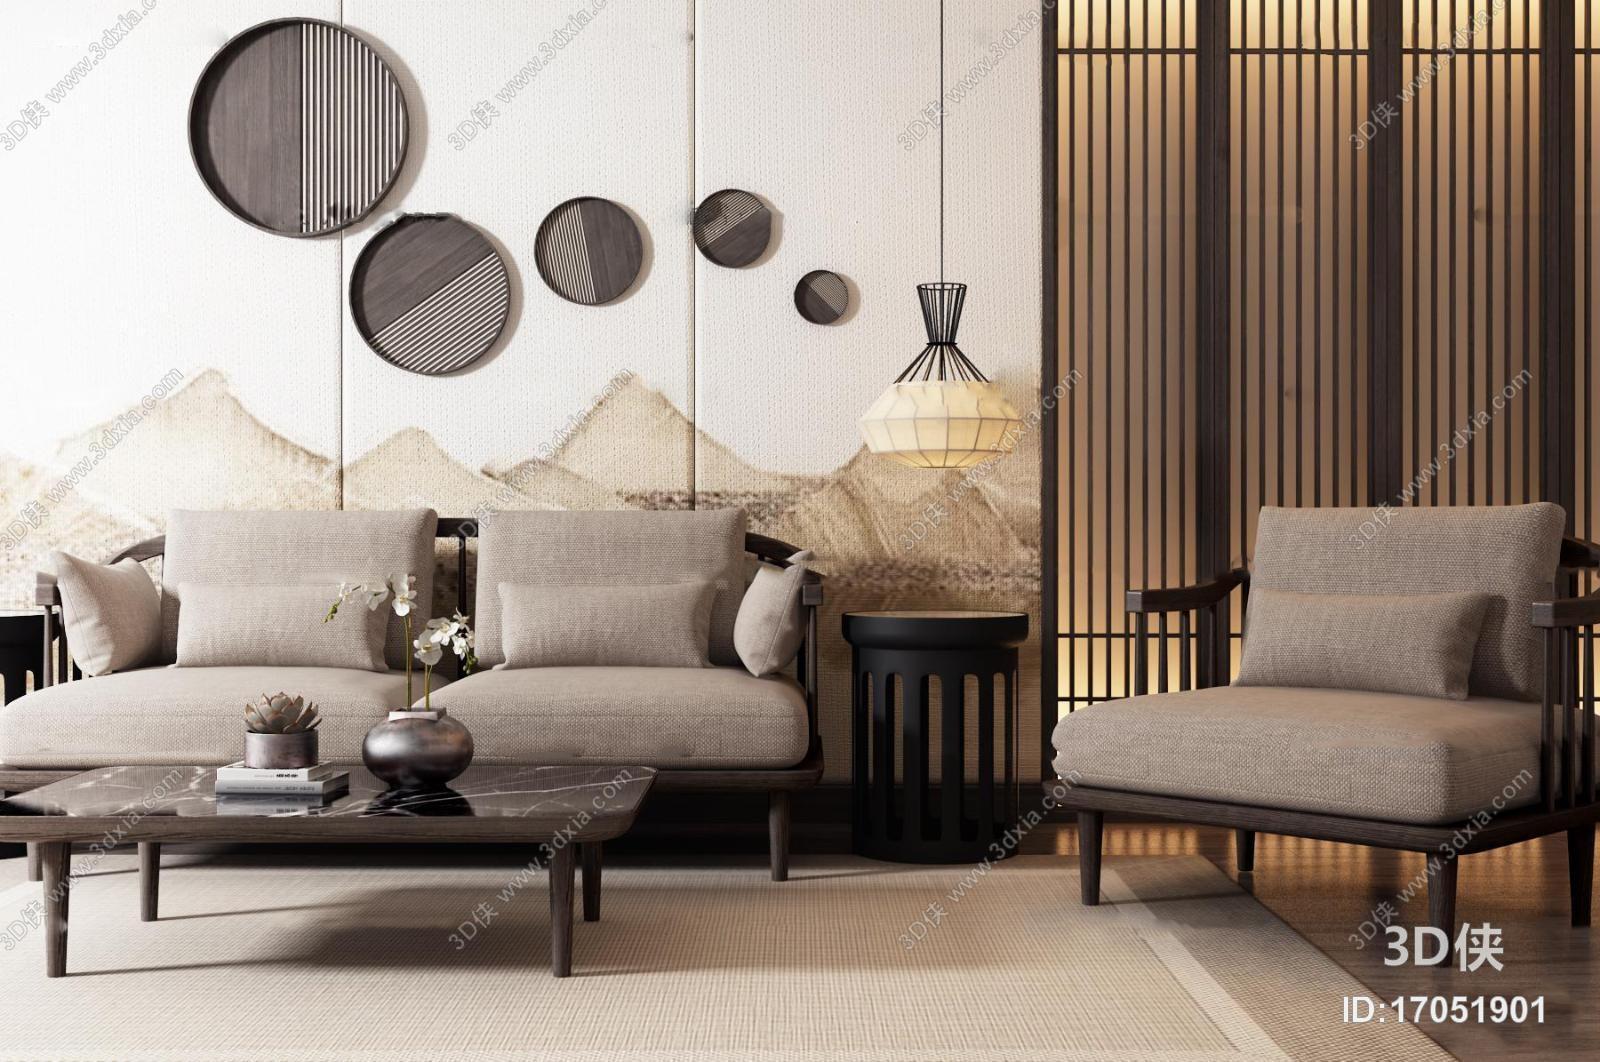 2012版本,建议使用3dmax 2012 软件打开,该中式风格组合沙发图片素材